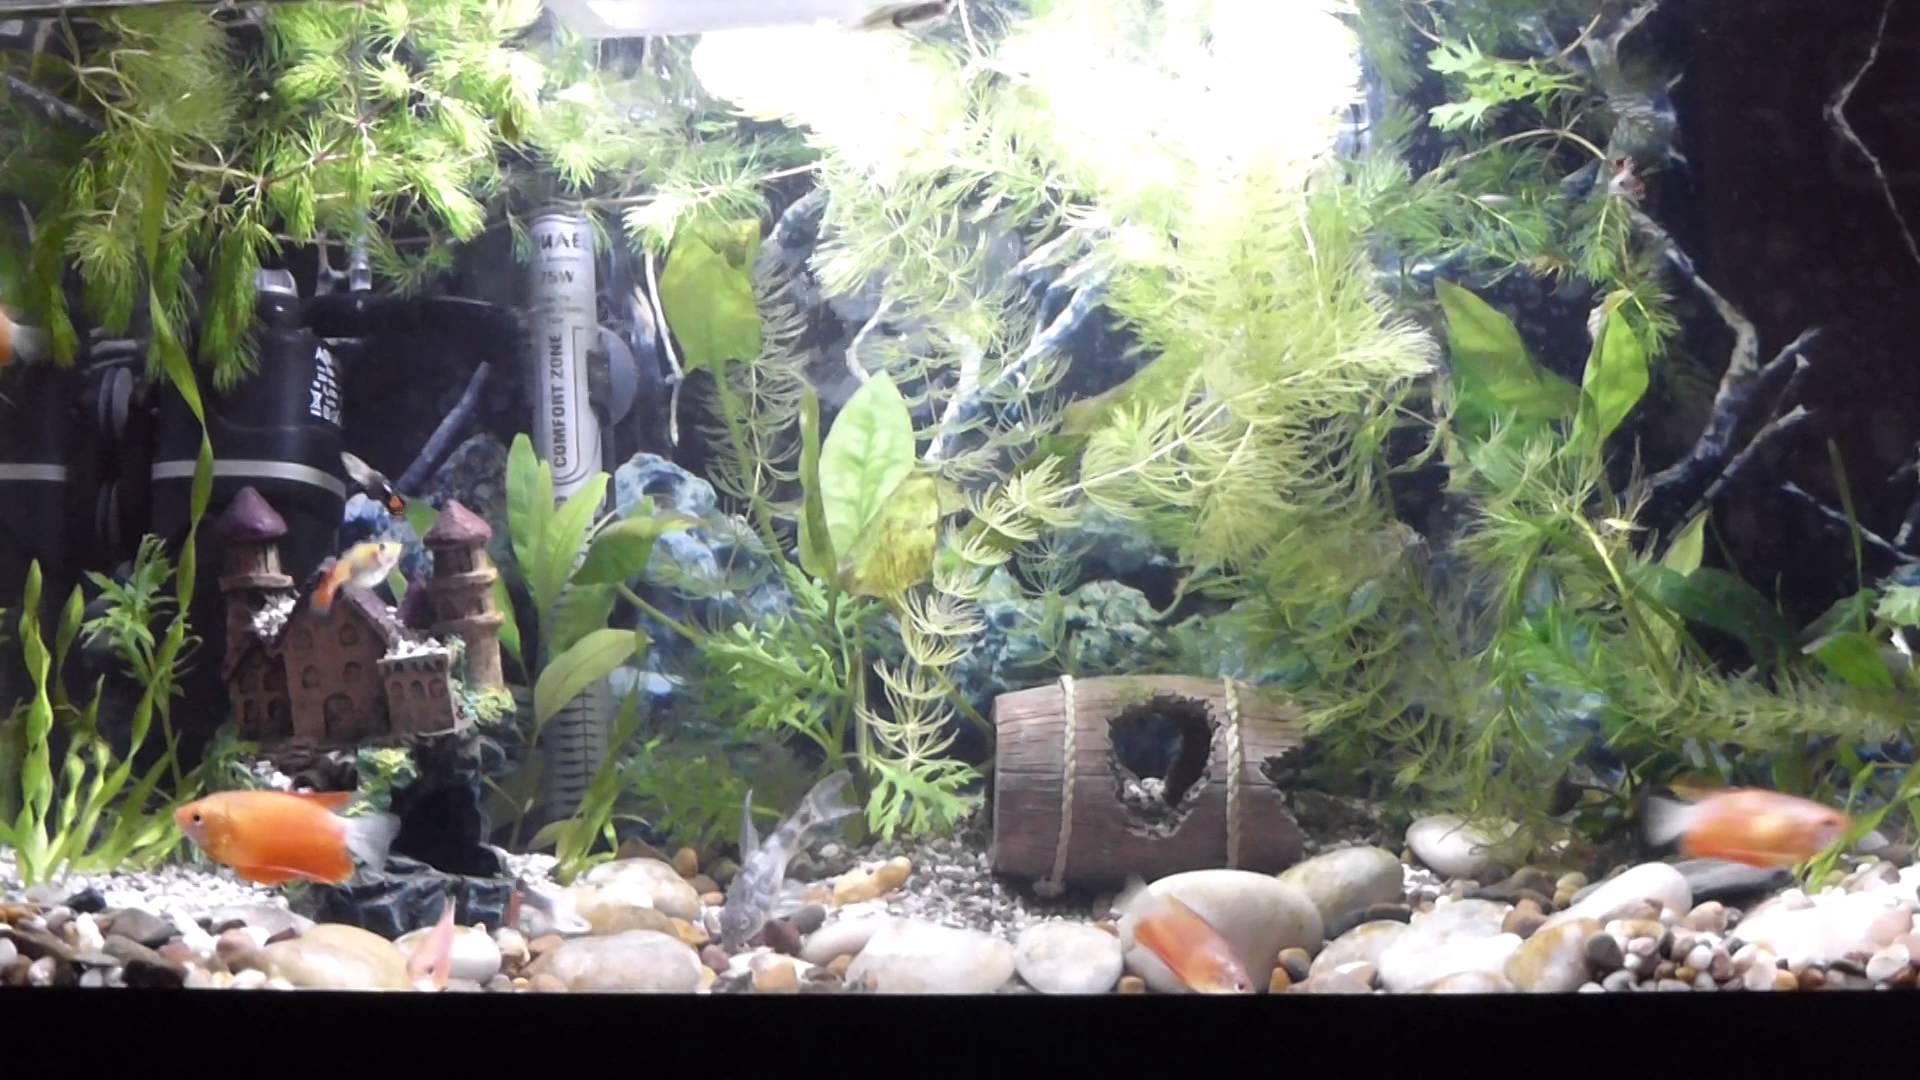 Толкование сна: аквариум с рыбками, по сонникам